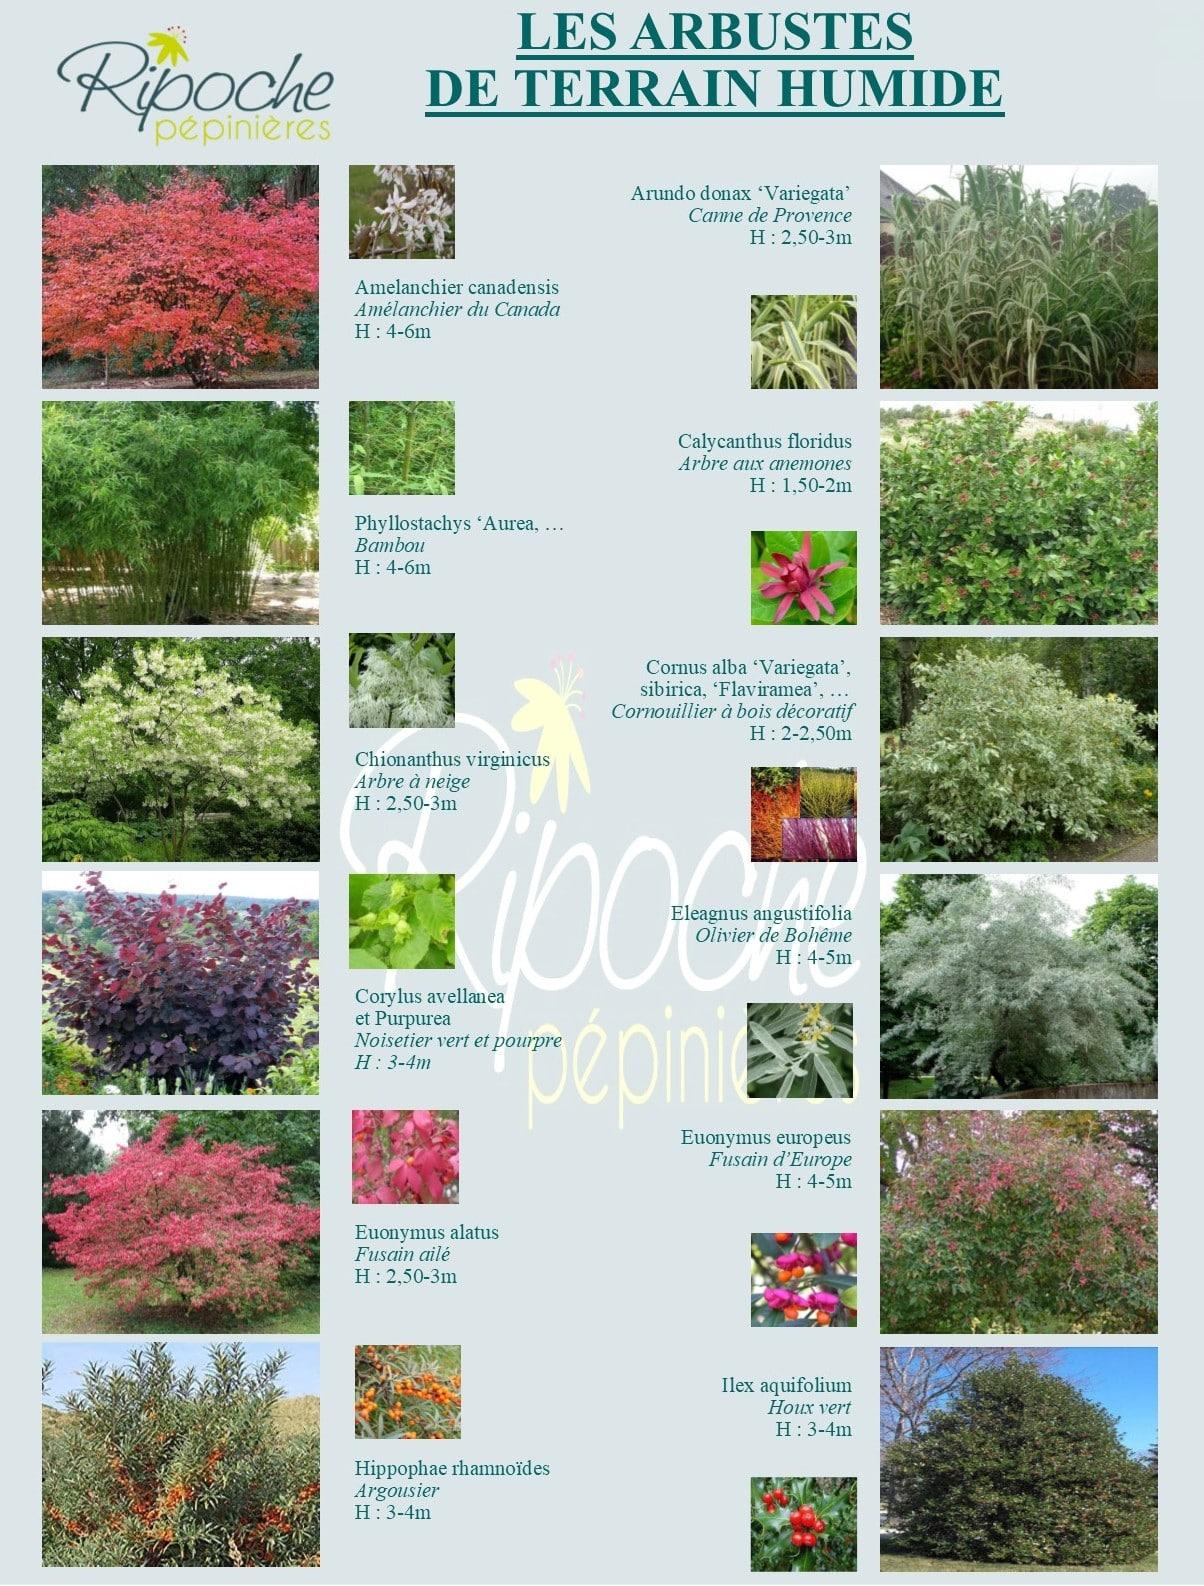 Arbustes de terrain humide1